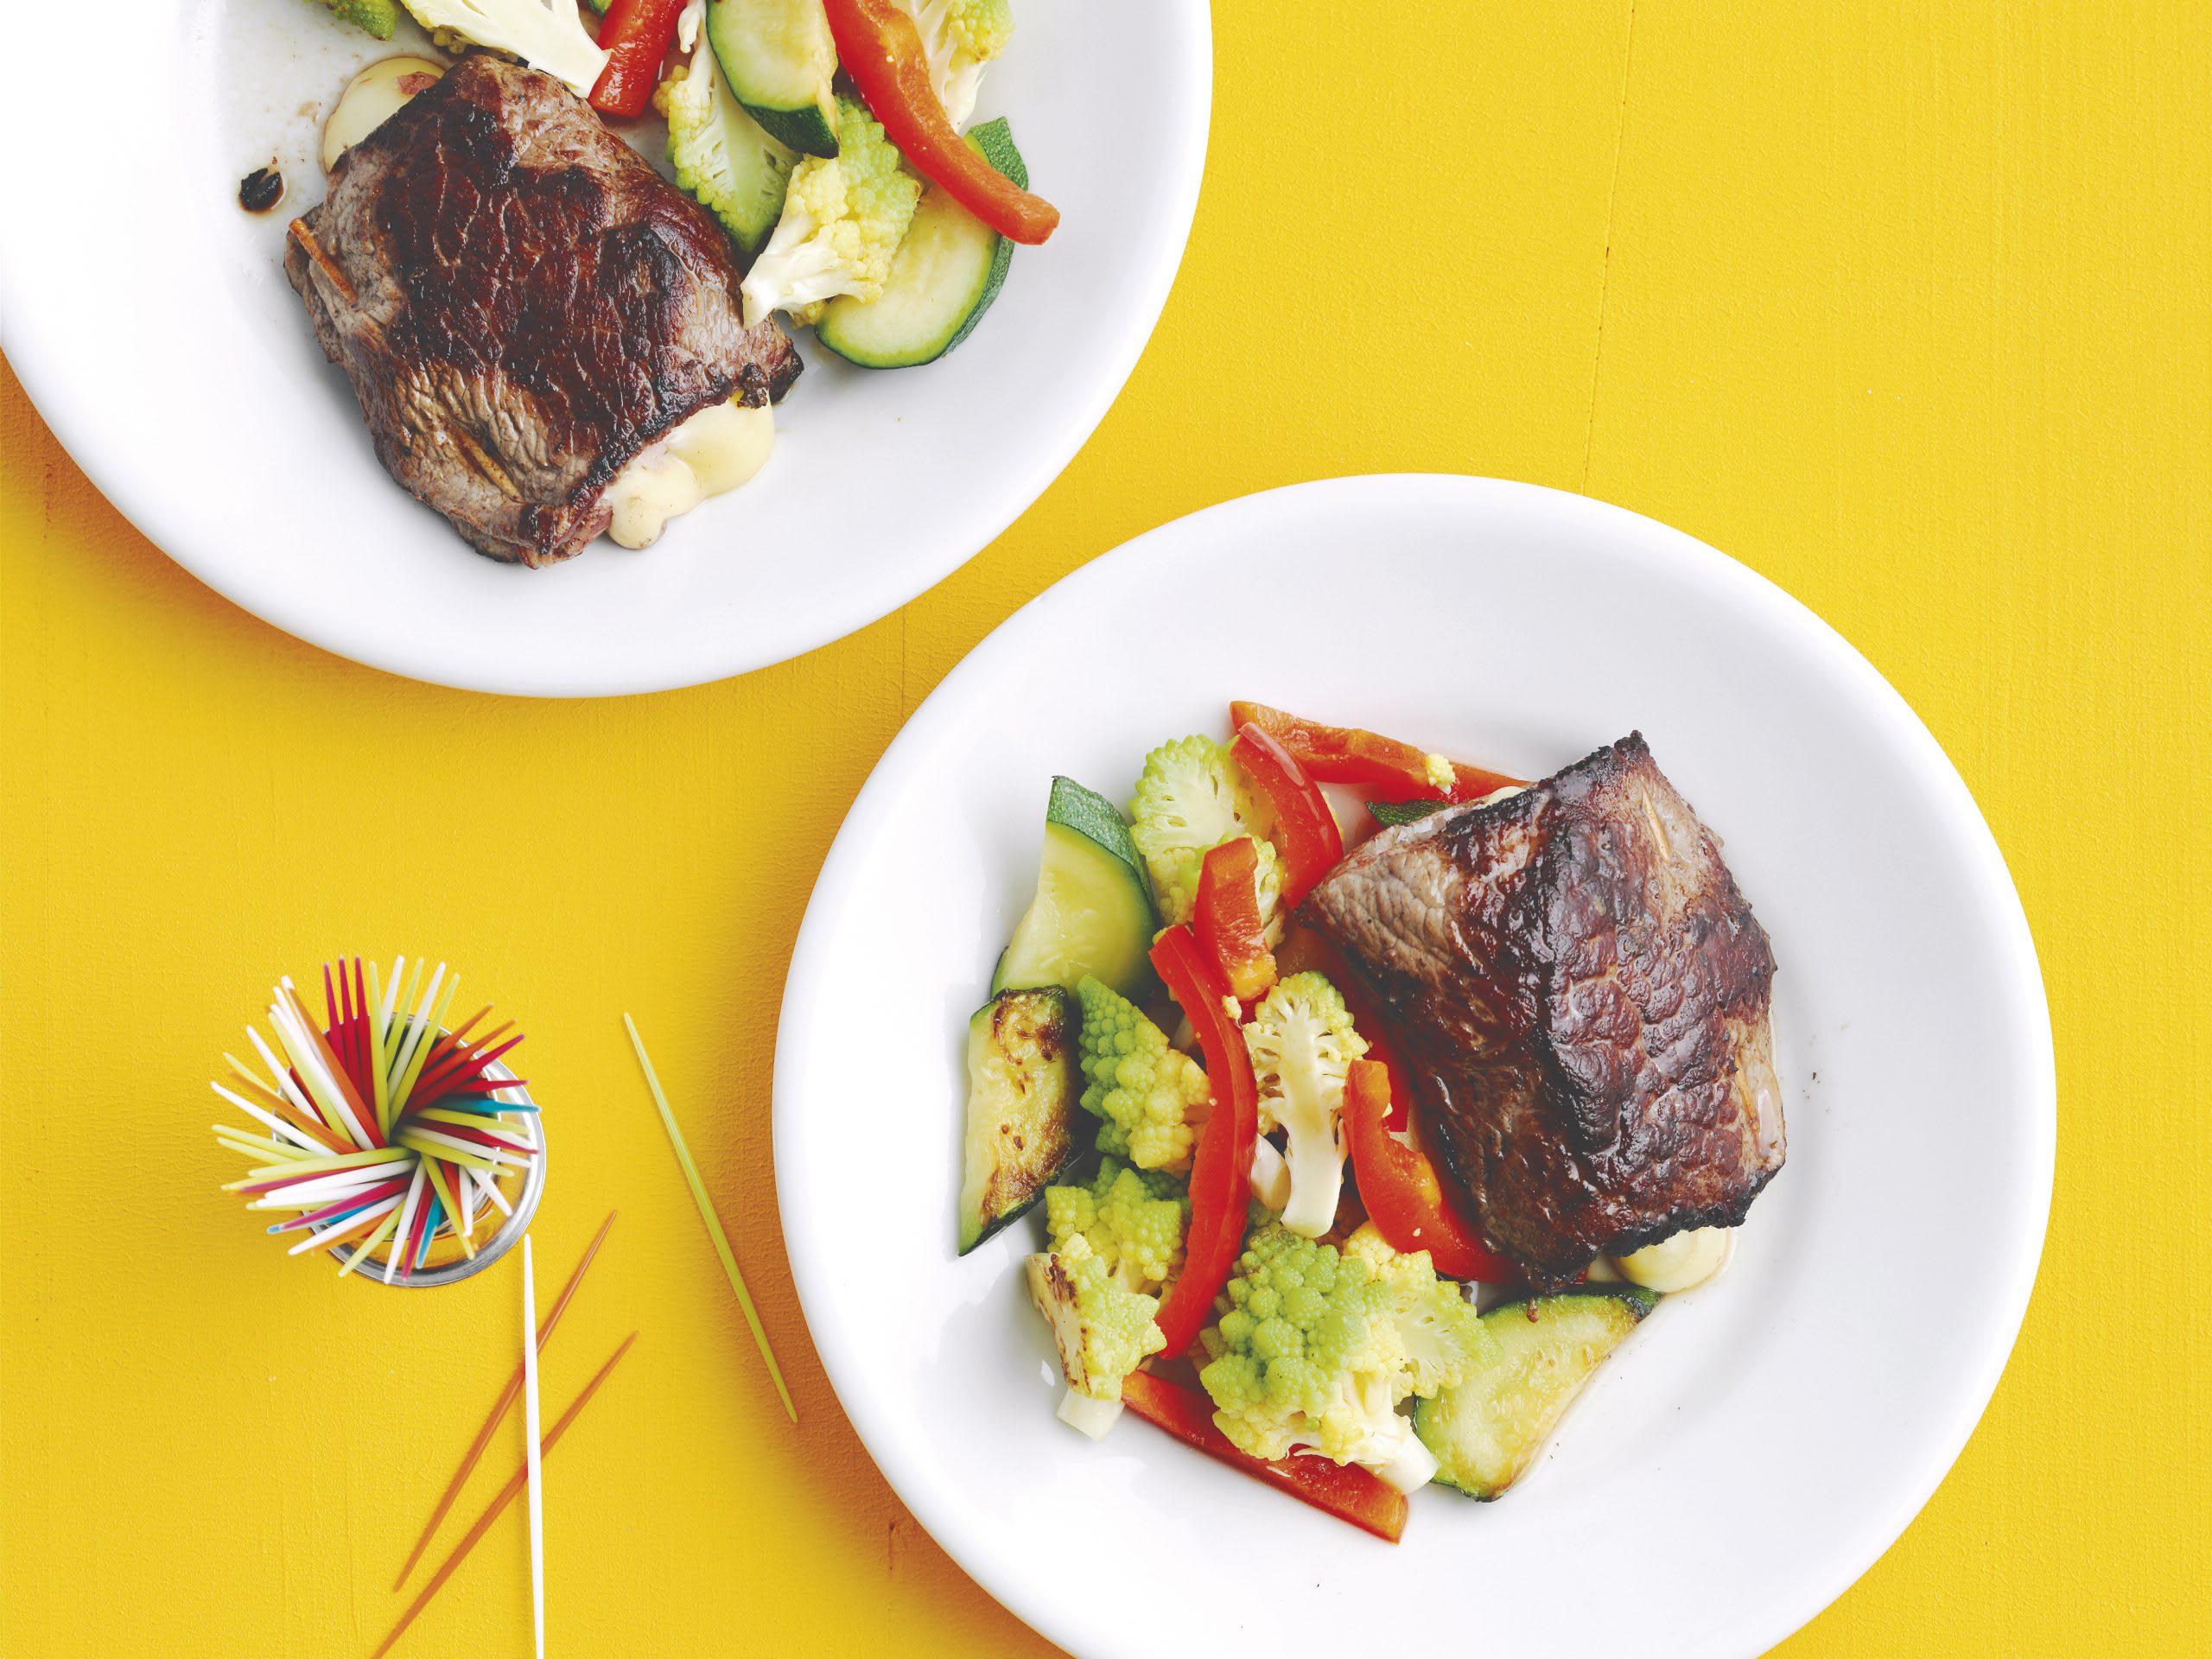 Gefüllte Schnitzel mit Gemüse